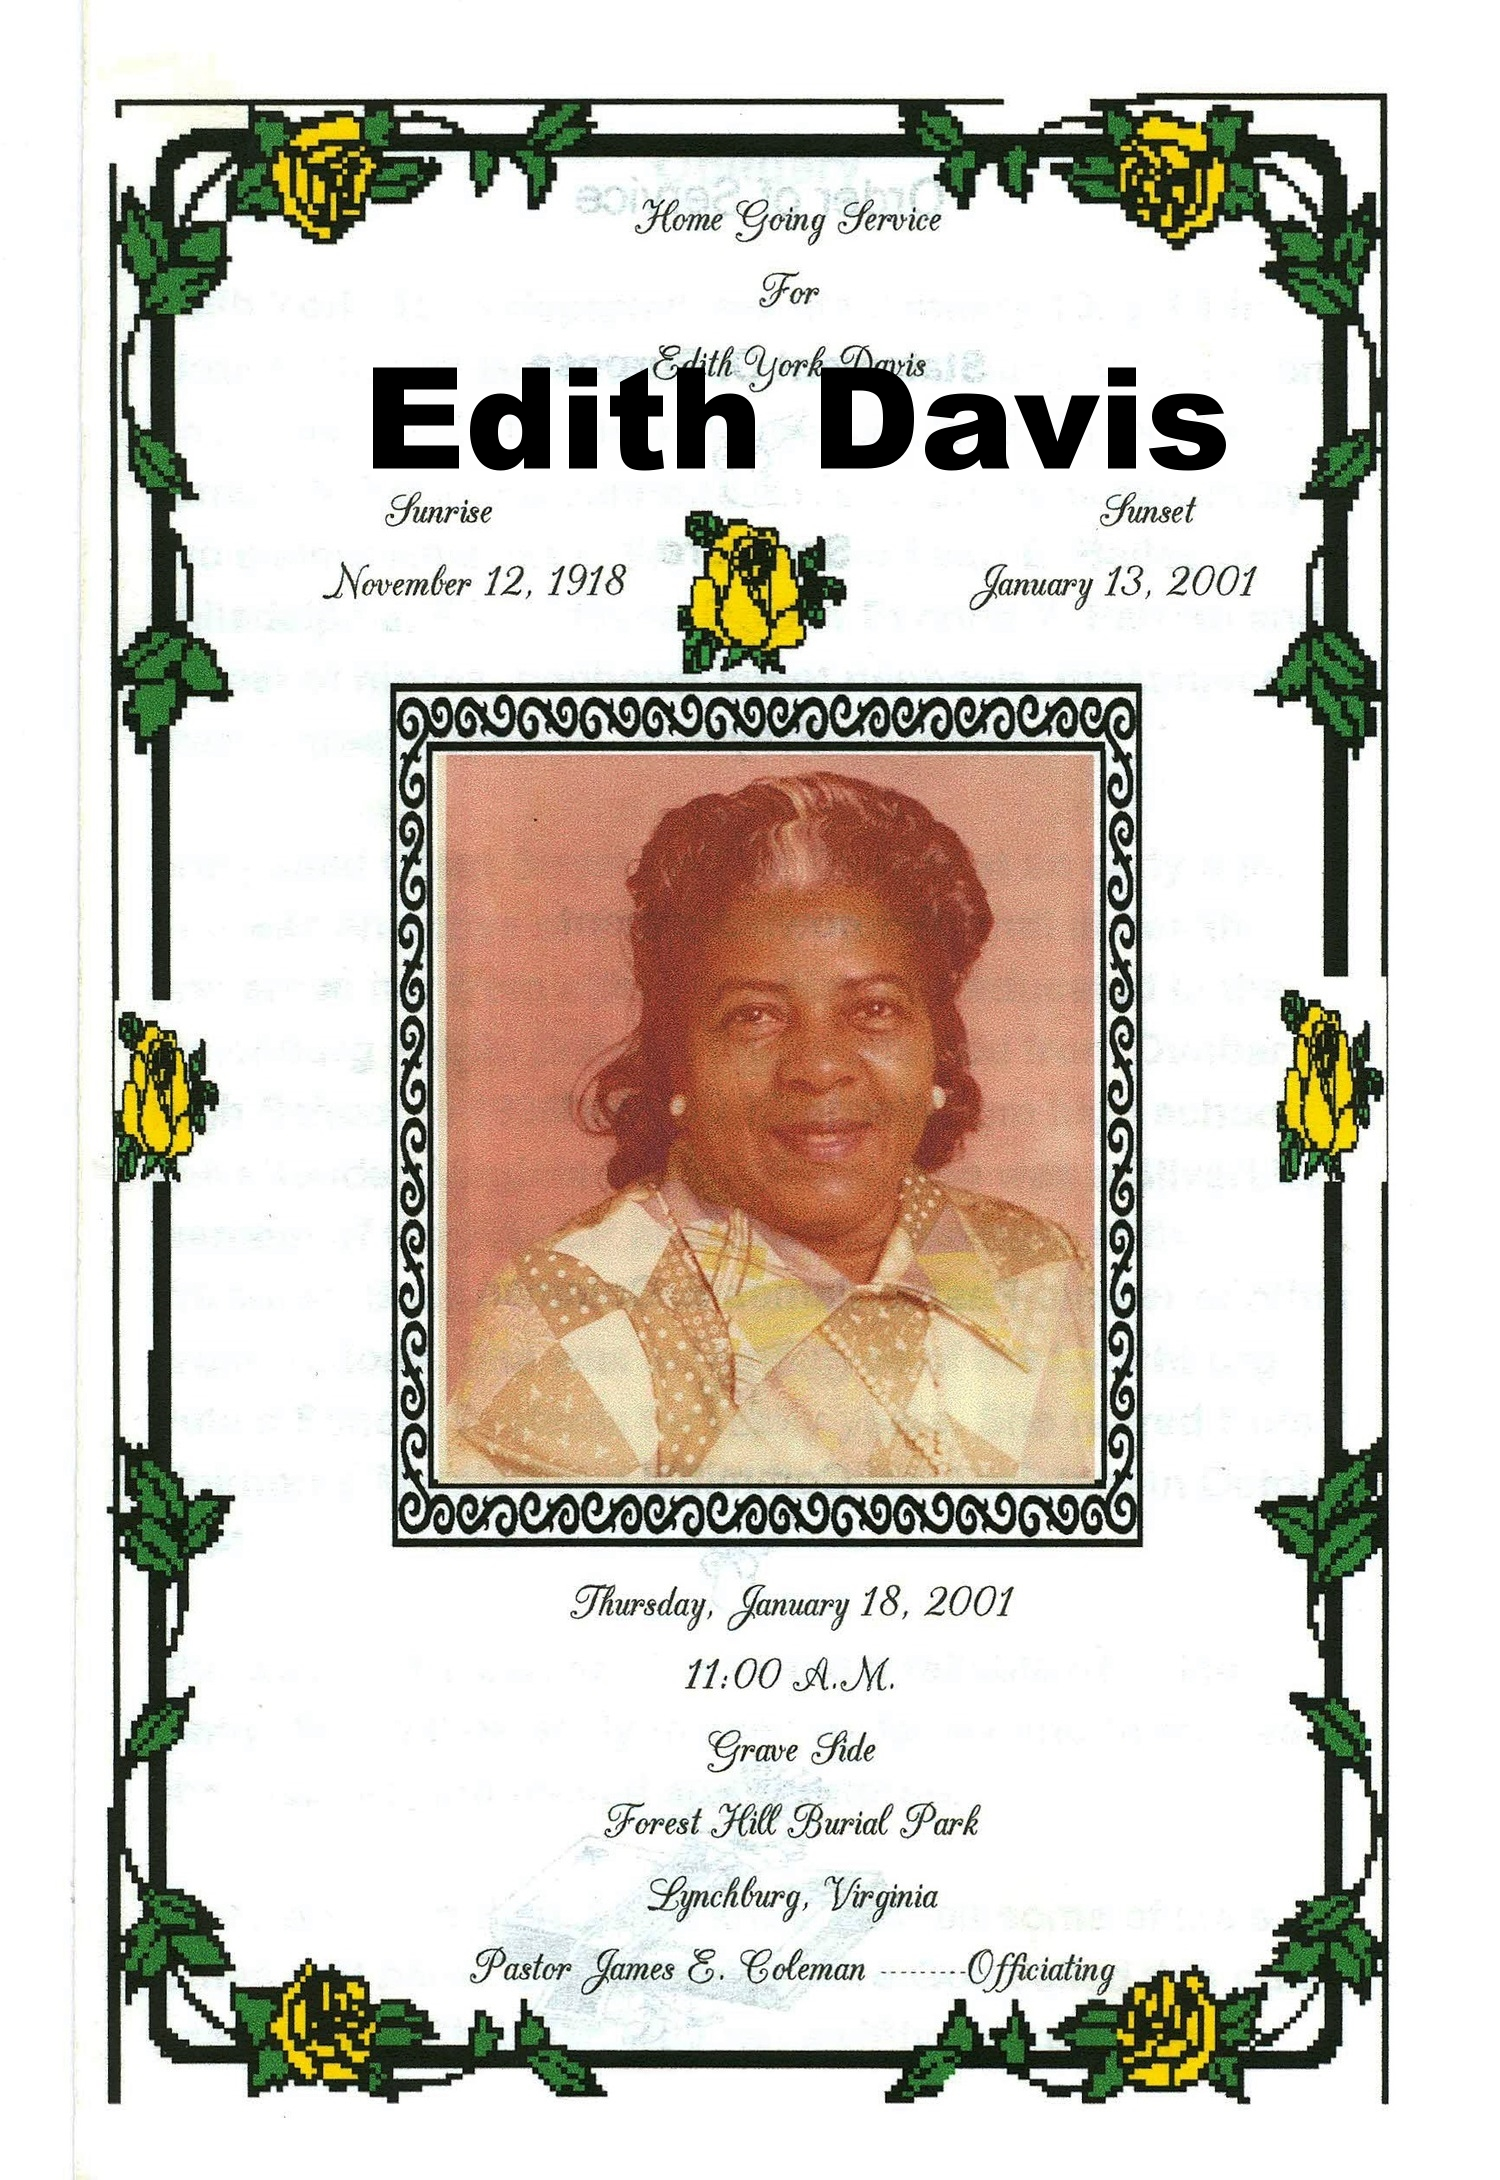 Edith Davis